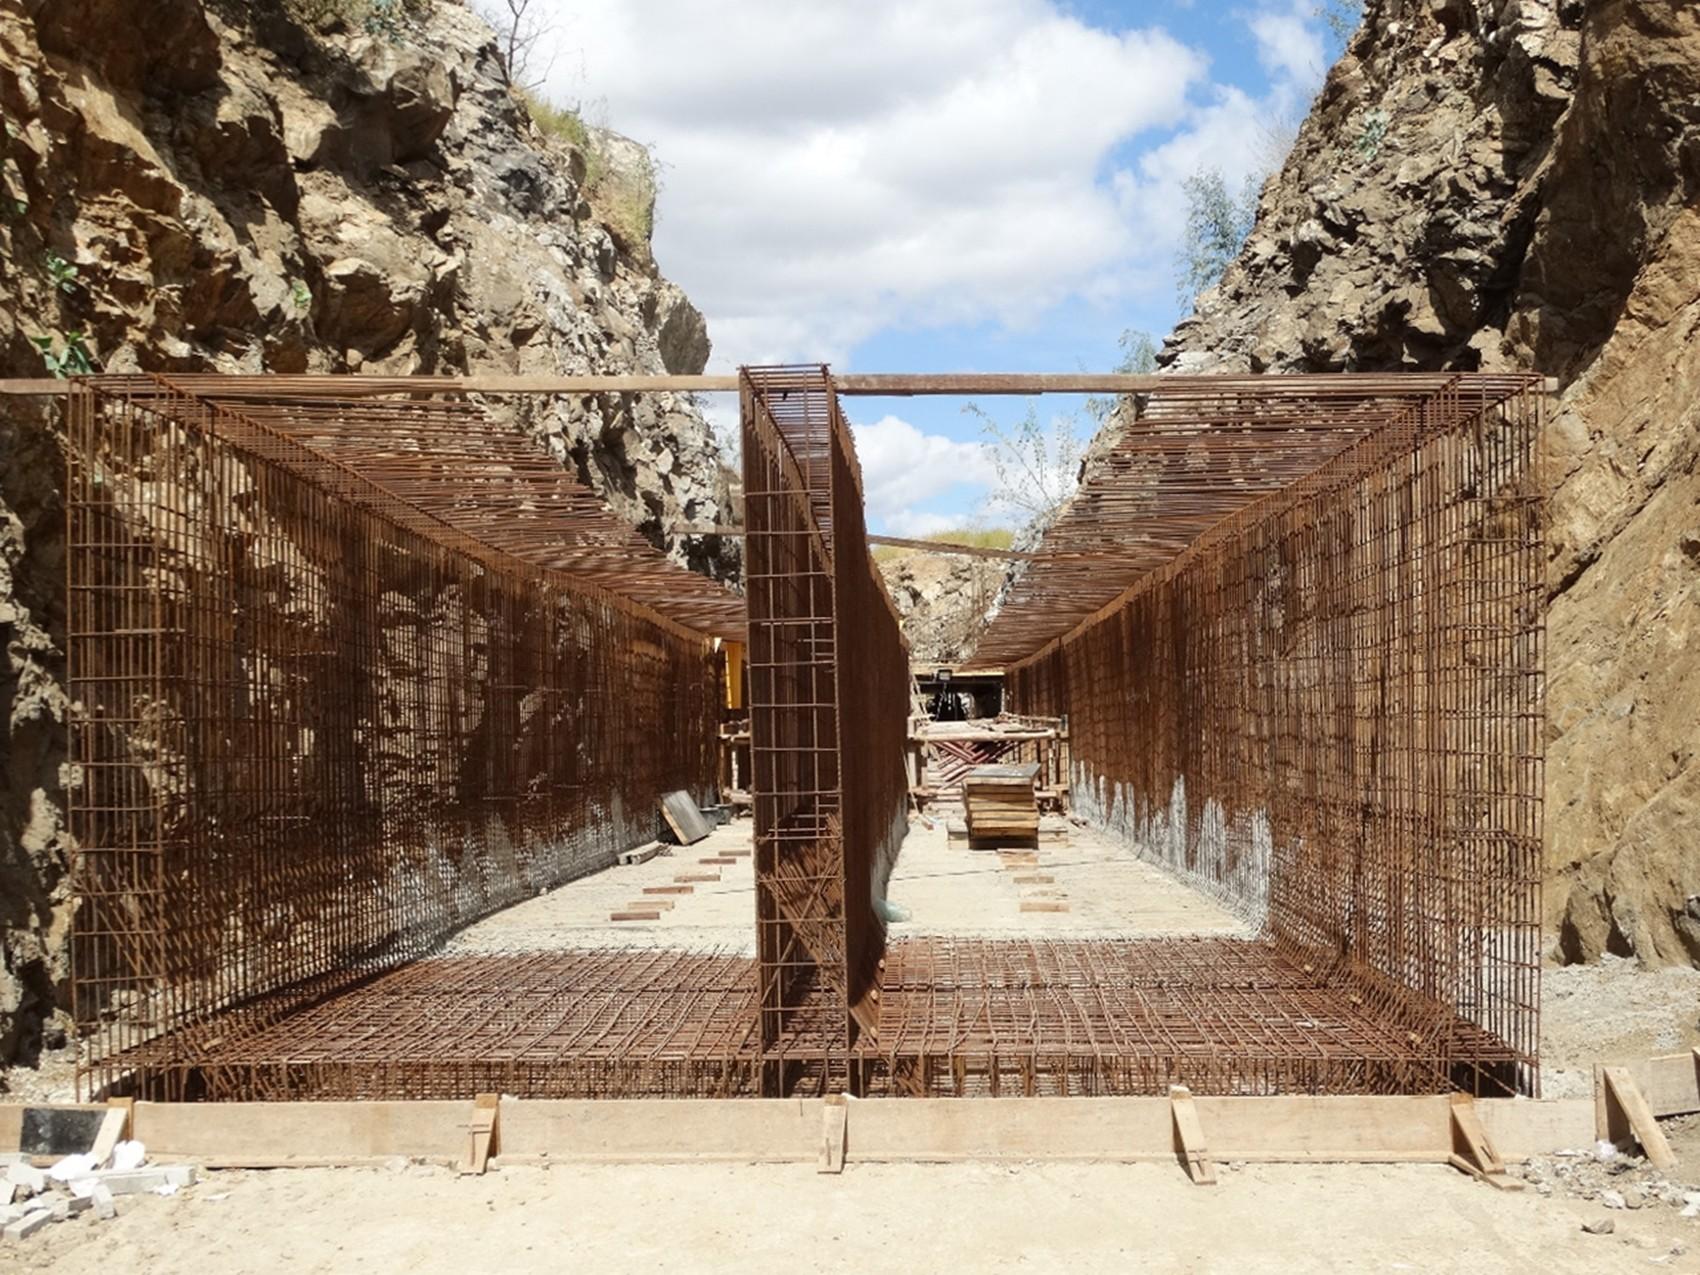 Obras complementares da transposição na PB vão atrasar até outubro, diz MPF